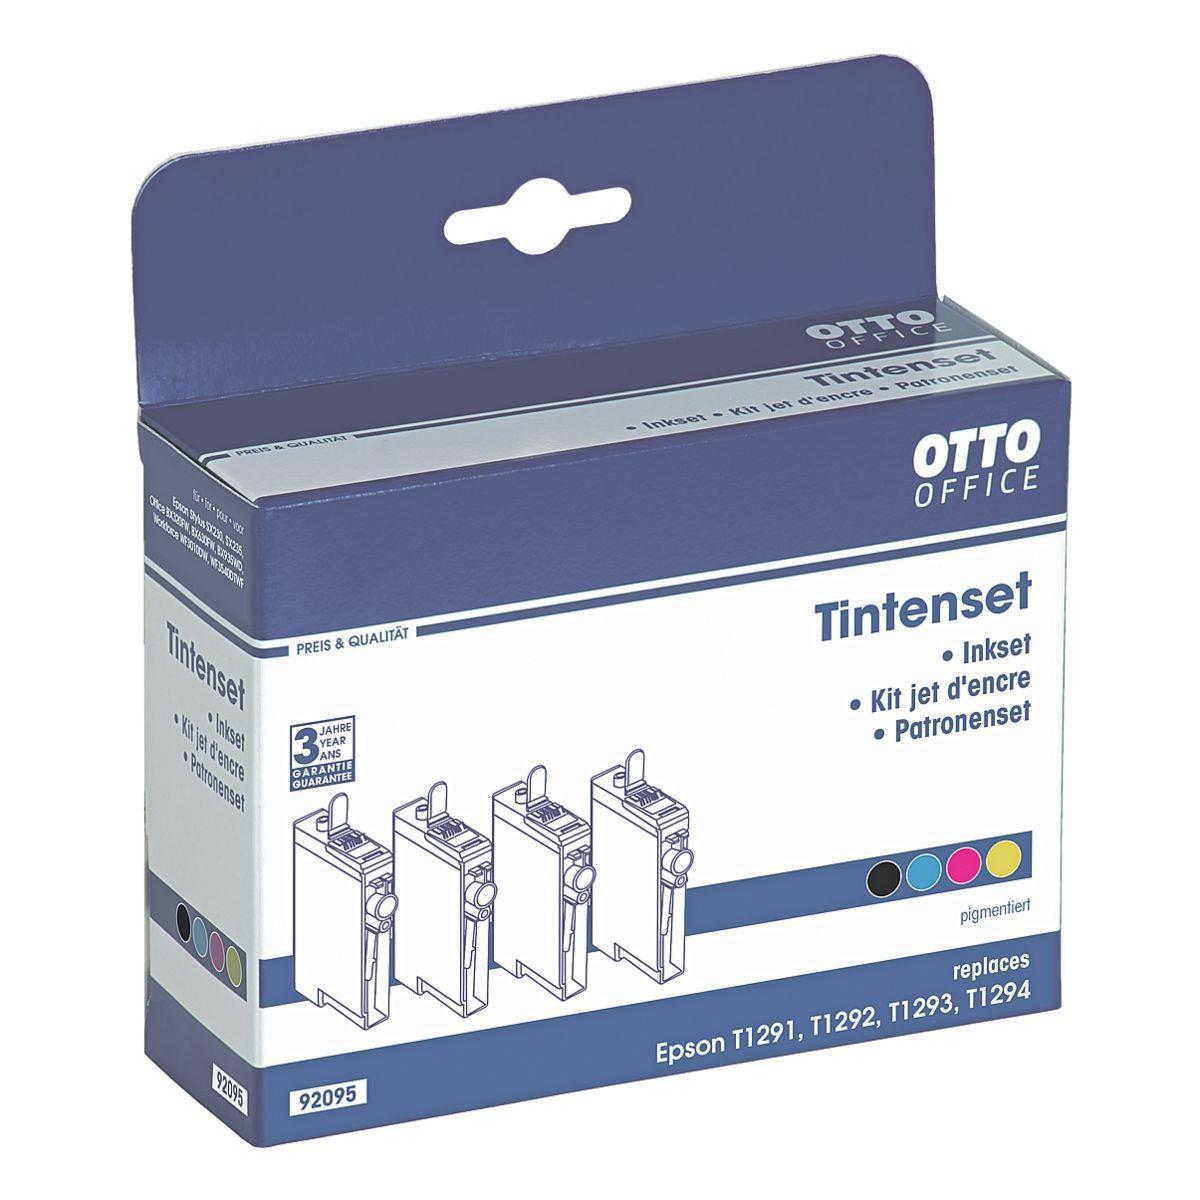 OTTO Office Standard Tintenpatronen-Set ersetzt Epson »T1295«